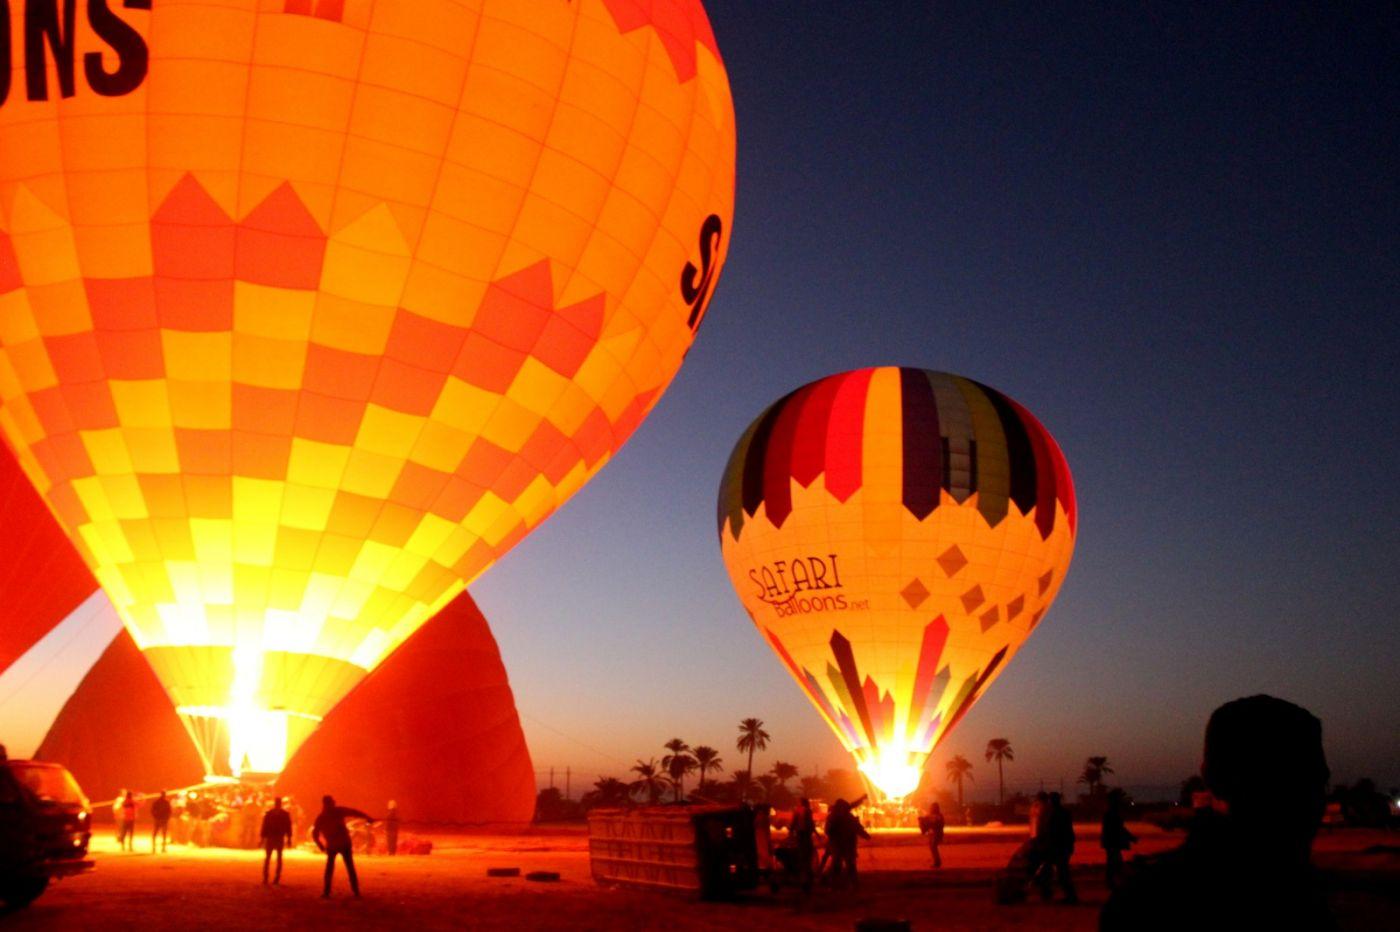 卢克索坐热气球观日出_图1-11